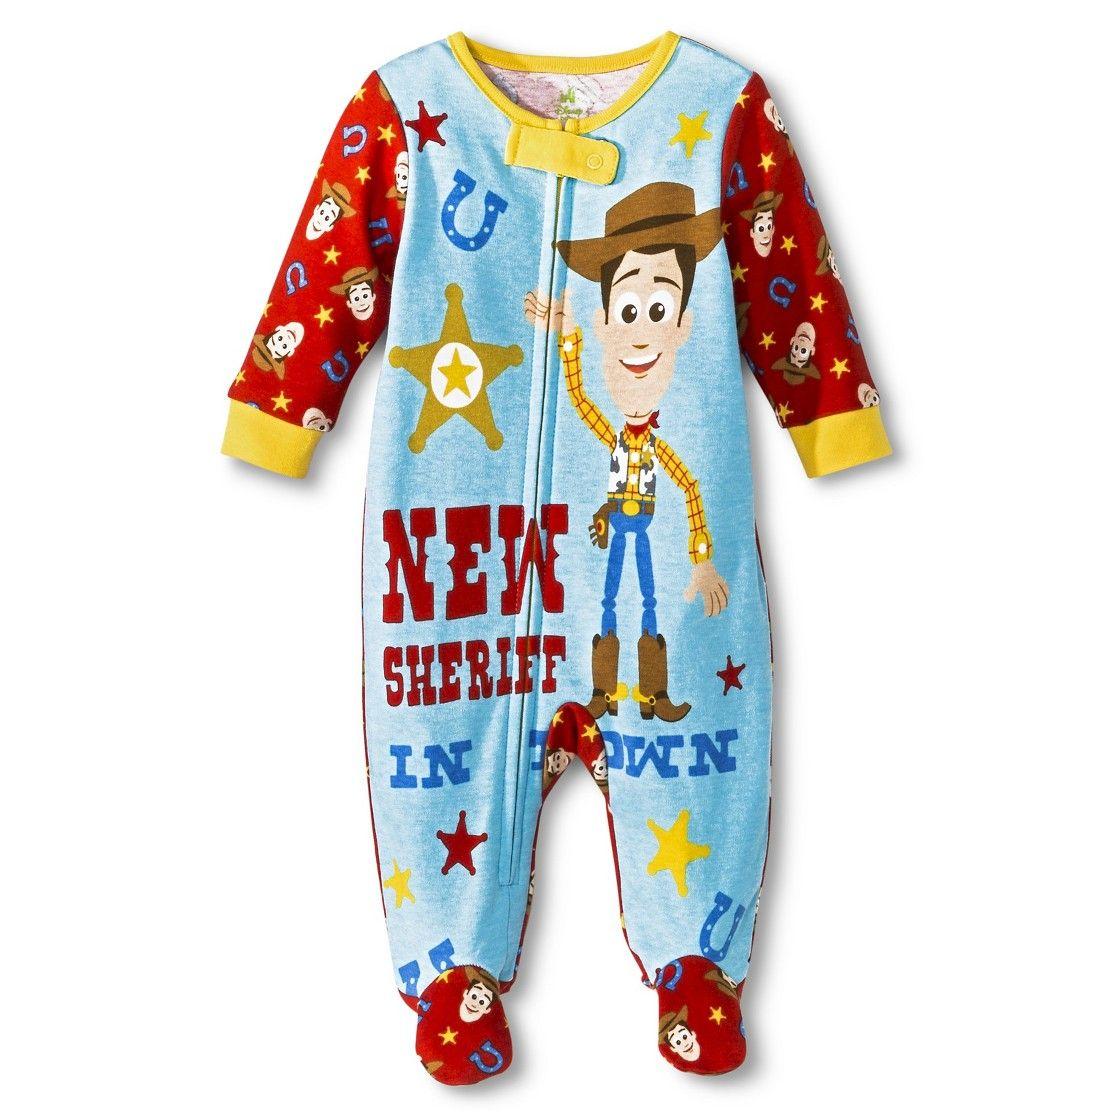 Magnolia Baby Unisex Baby Crabfest Zipped Pajamas Navy